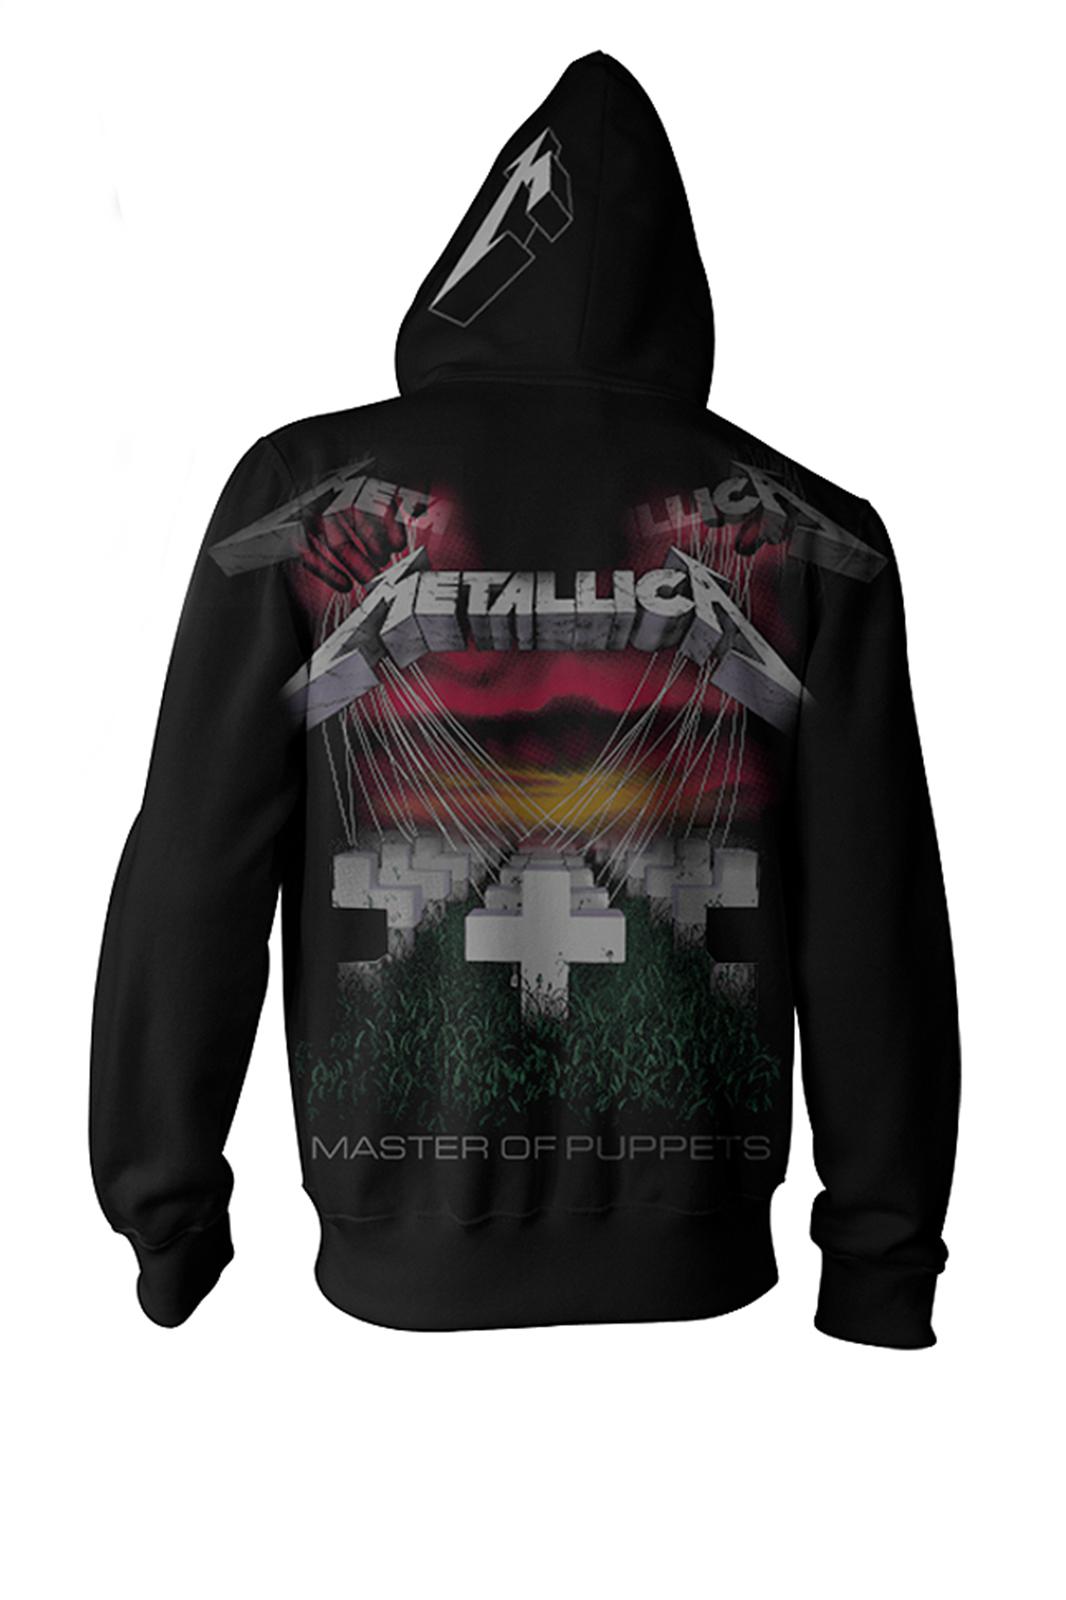 Zip Hood Metallica Master Of Puppets Black